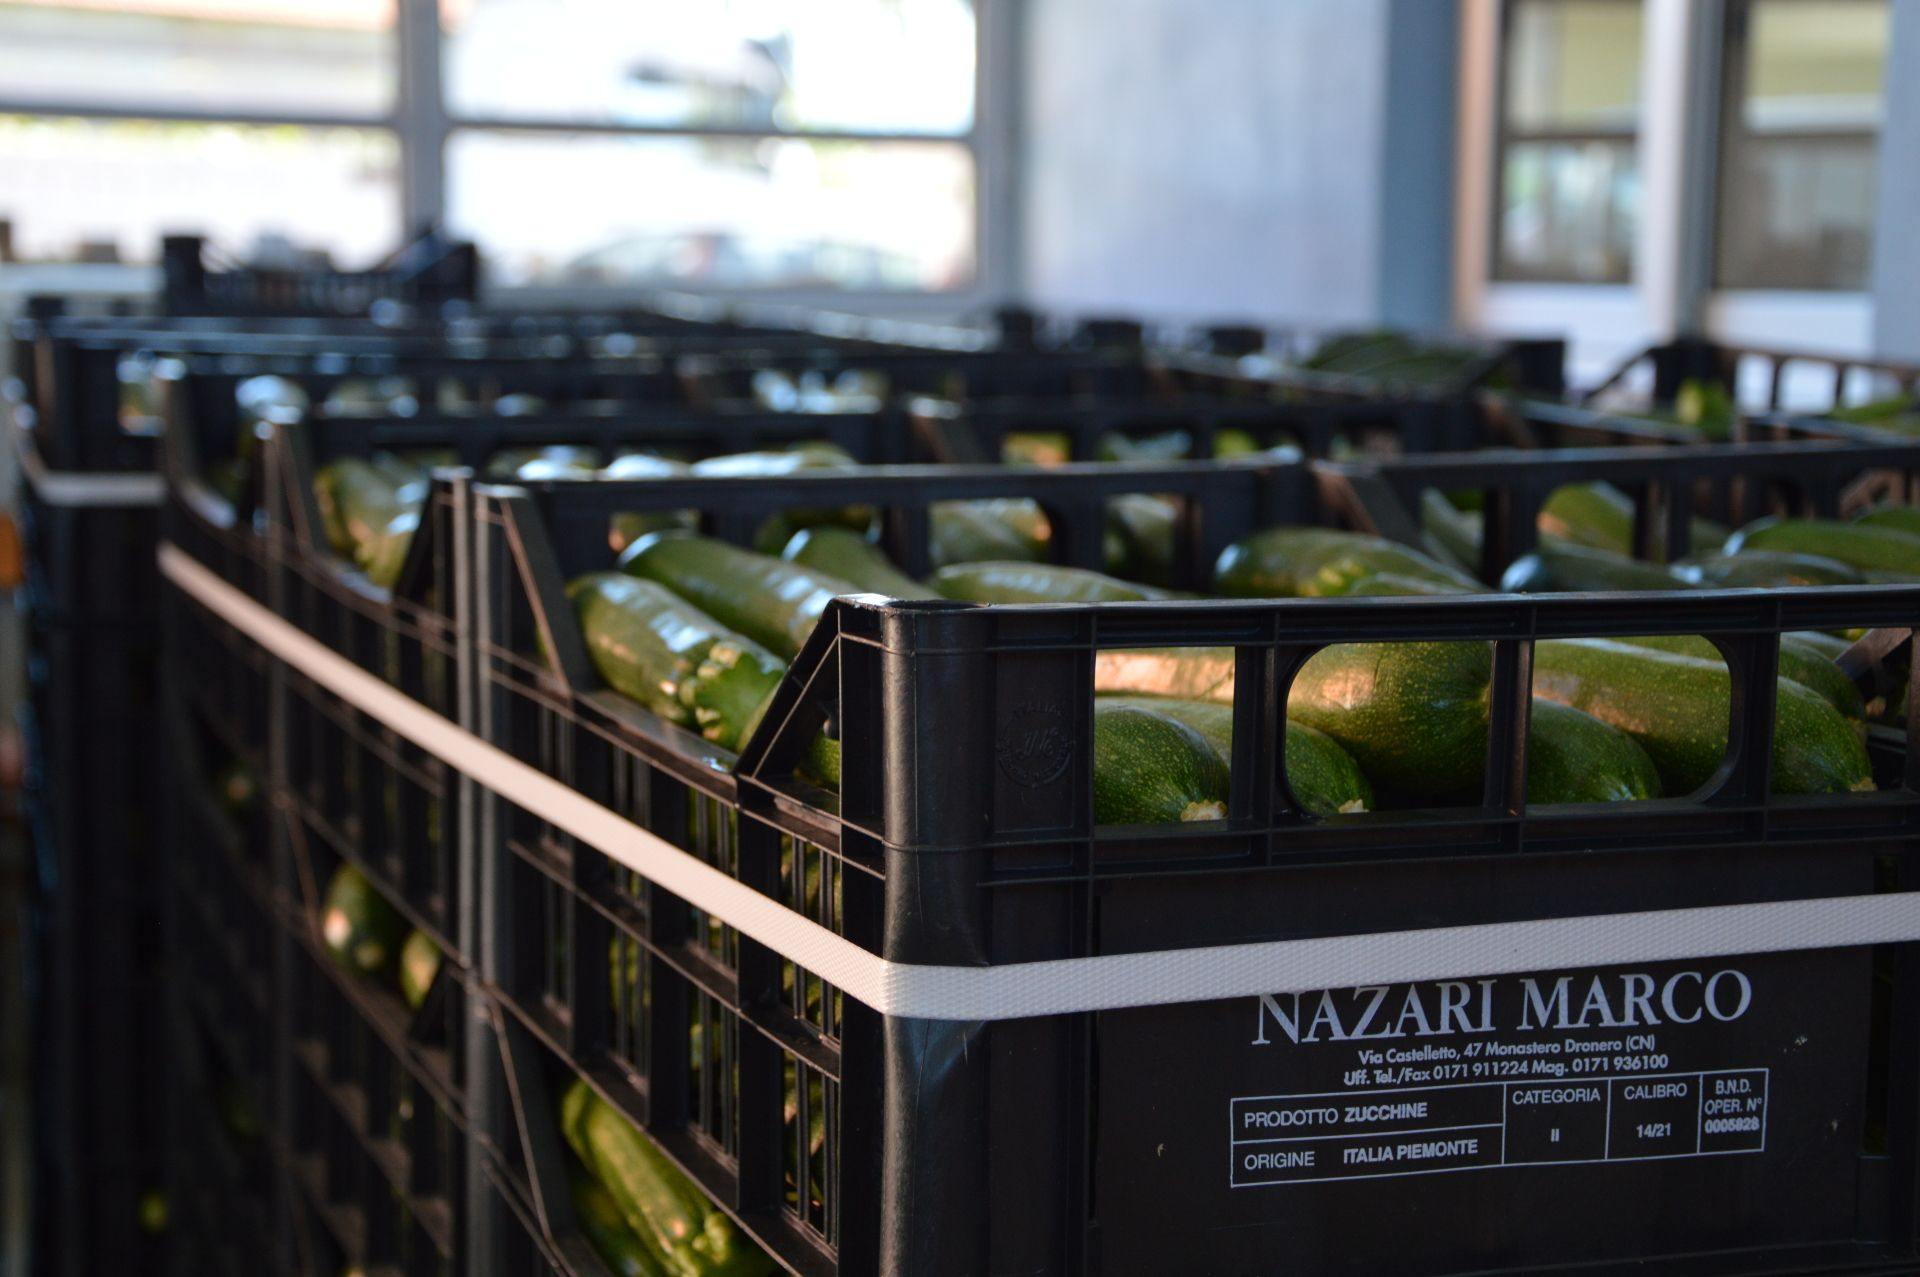 Zucchine di Nazari Ortofrutta